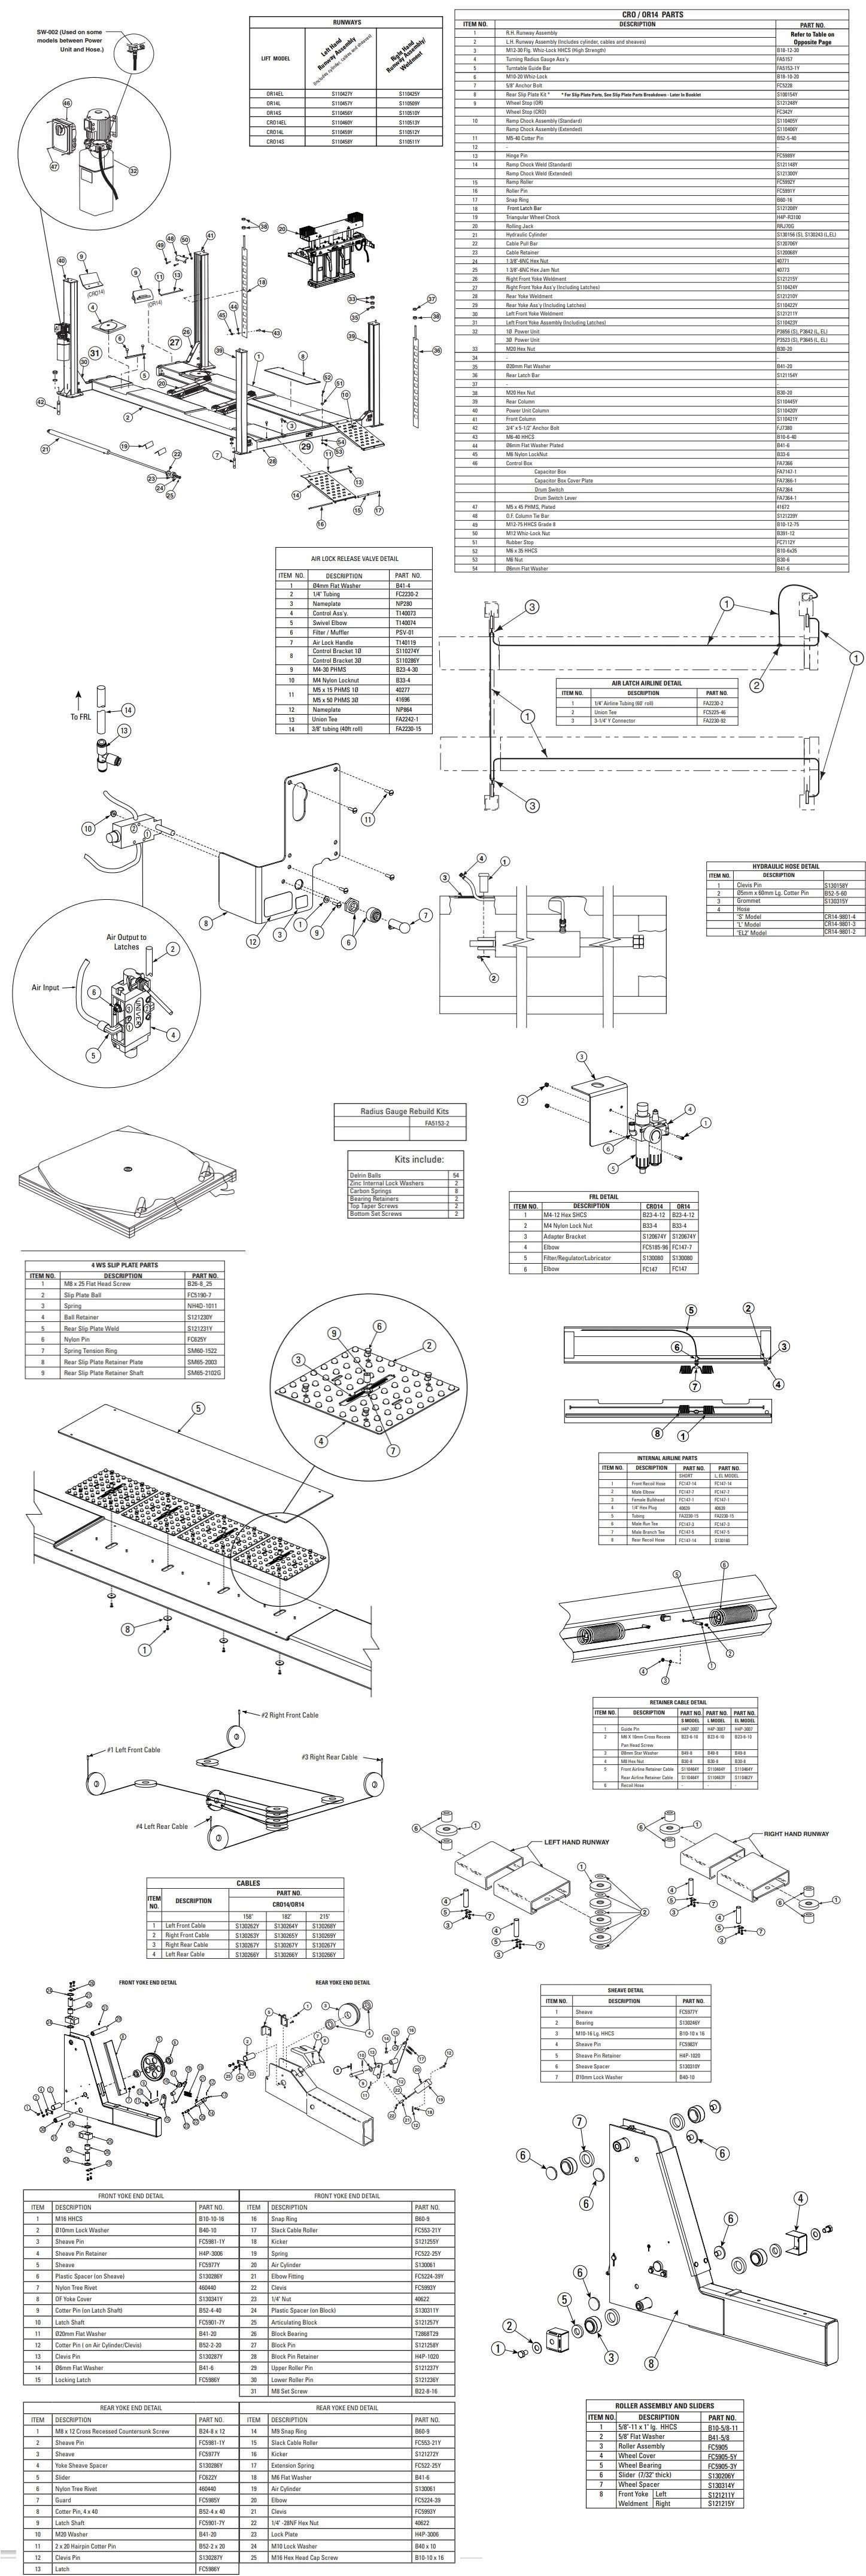 Forward 4-Post CRO14 Parts Manual